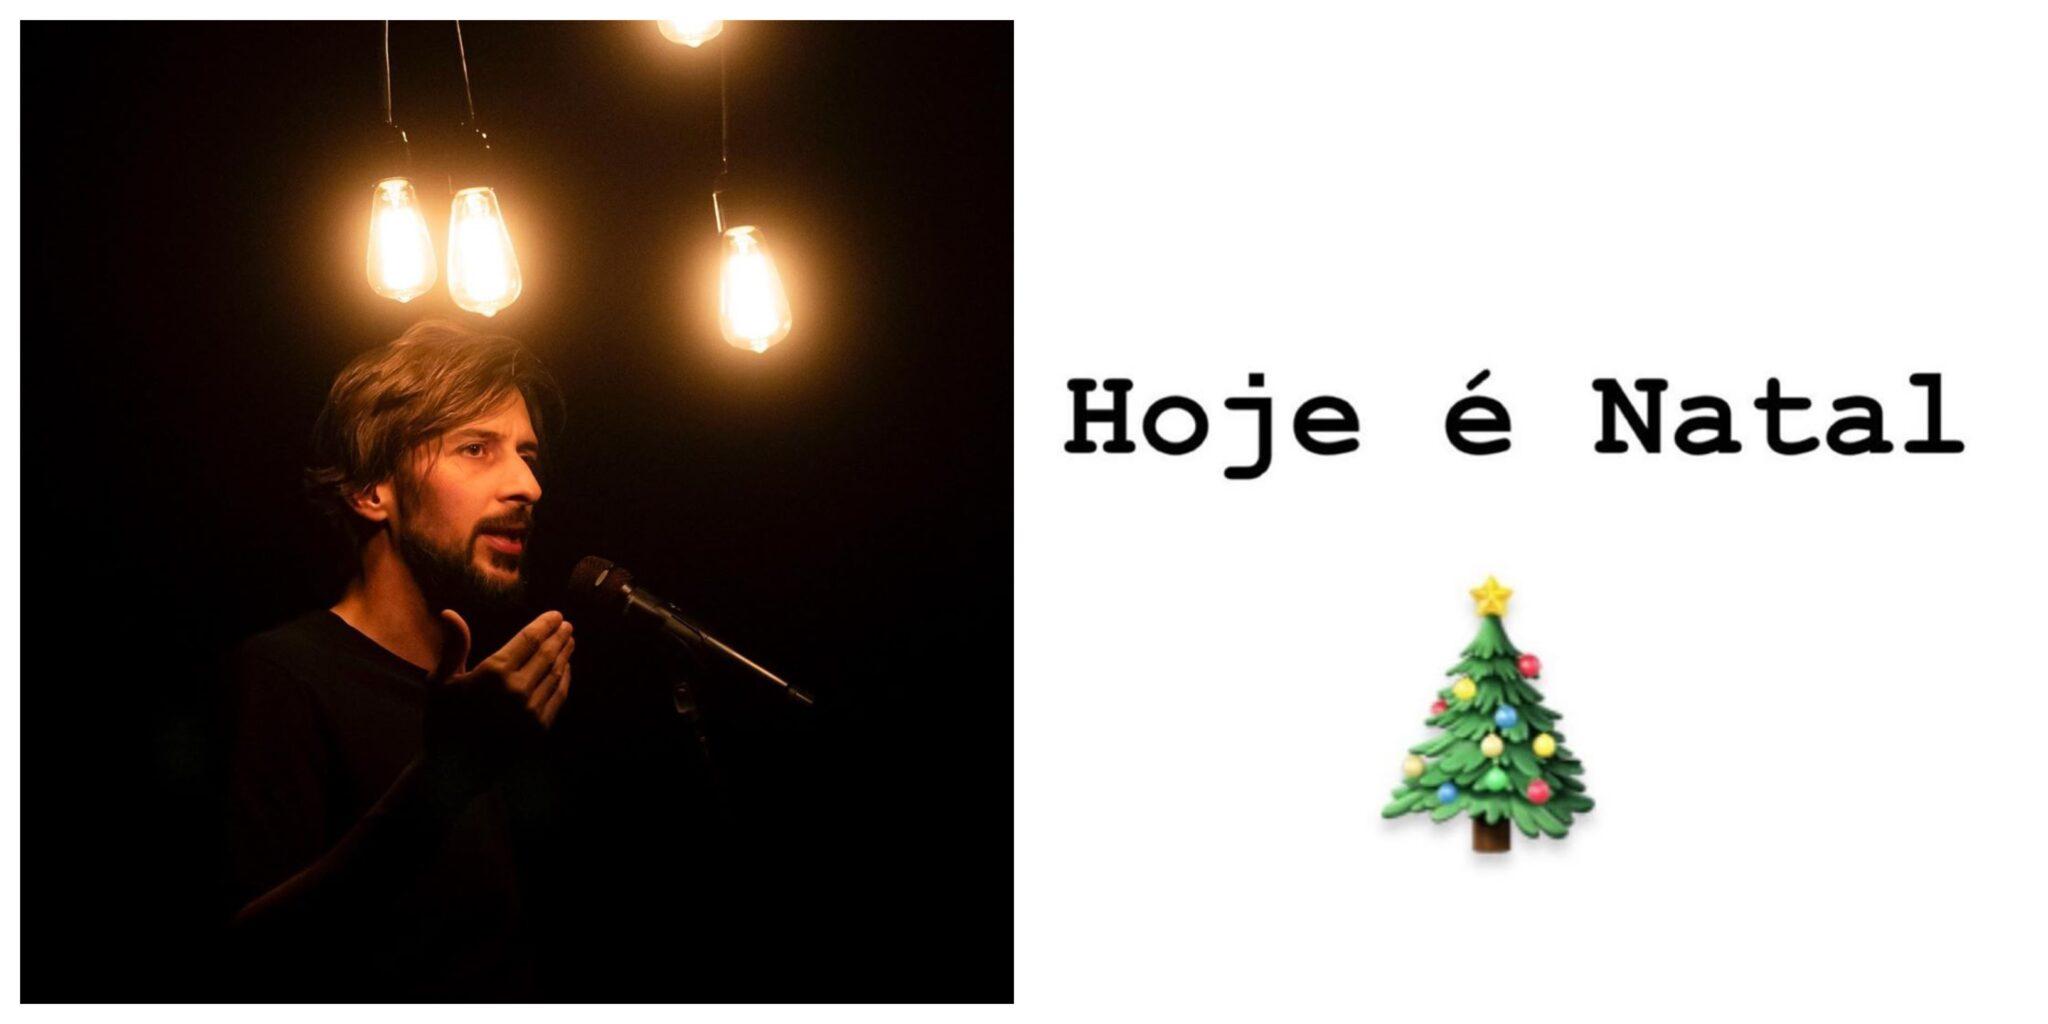 Bruno Nogueira Scaled Hoje É Natal! Eis A Razão De Estar A Encontrar Várias Publicações Com Luzes E Músicas De Natal